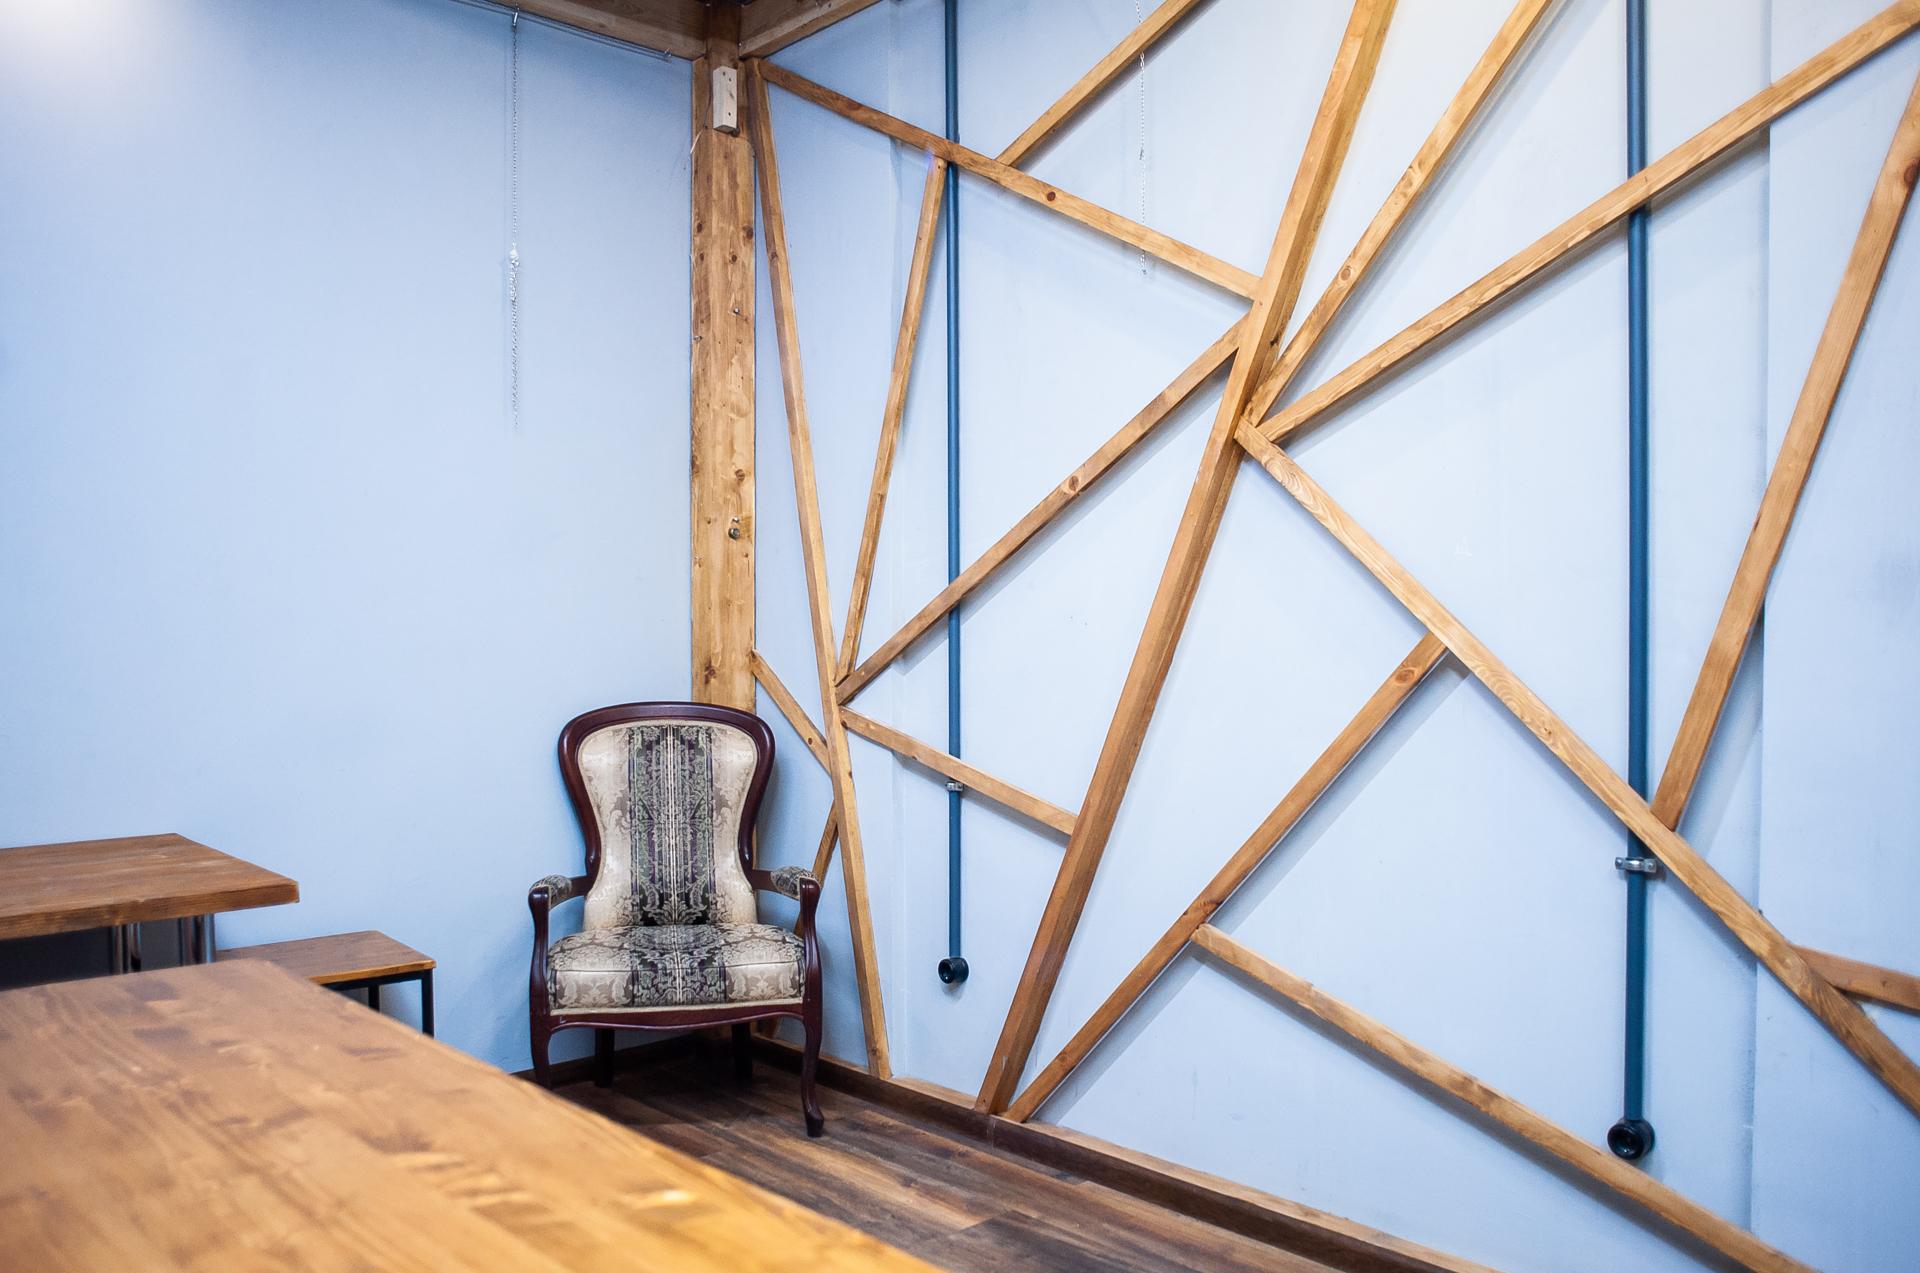 Химки,галерея современного искусства «Мост»